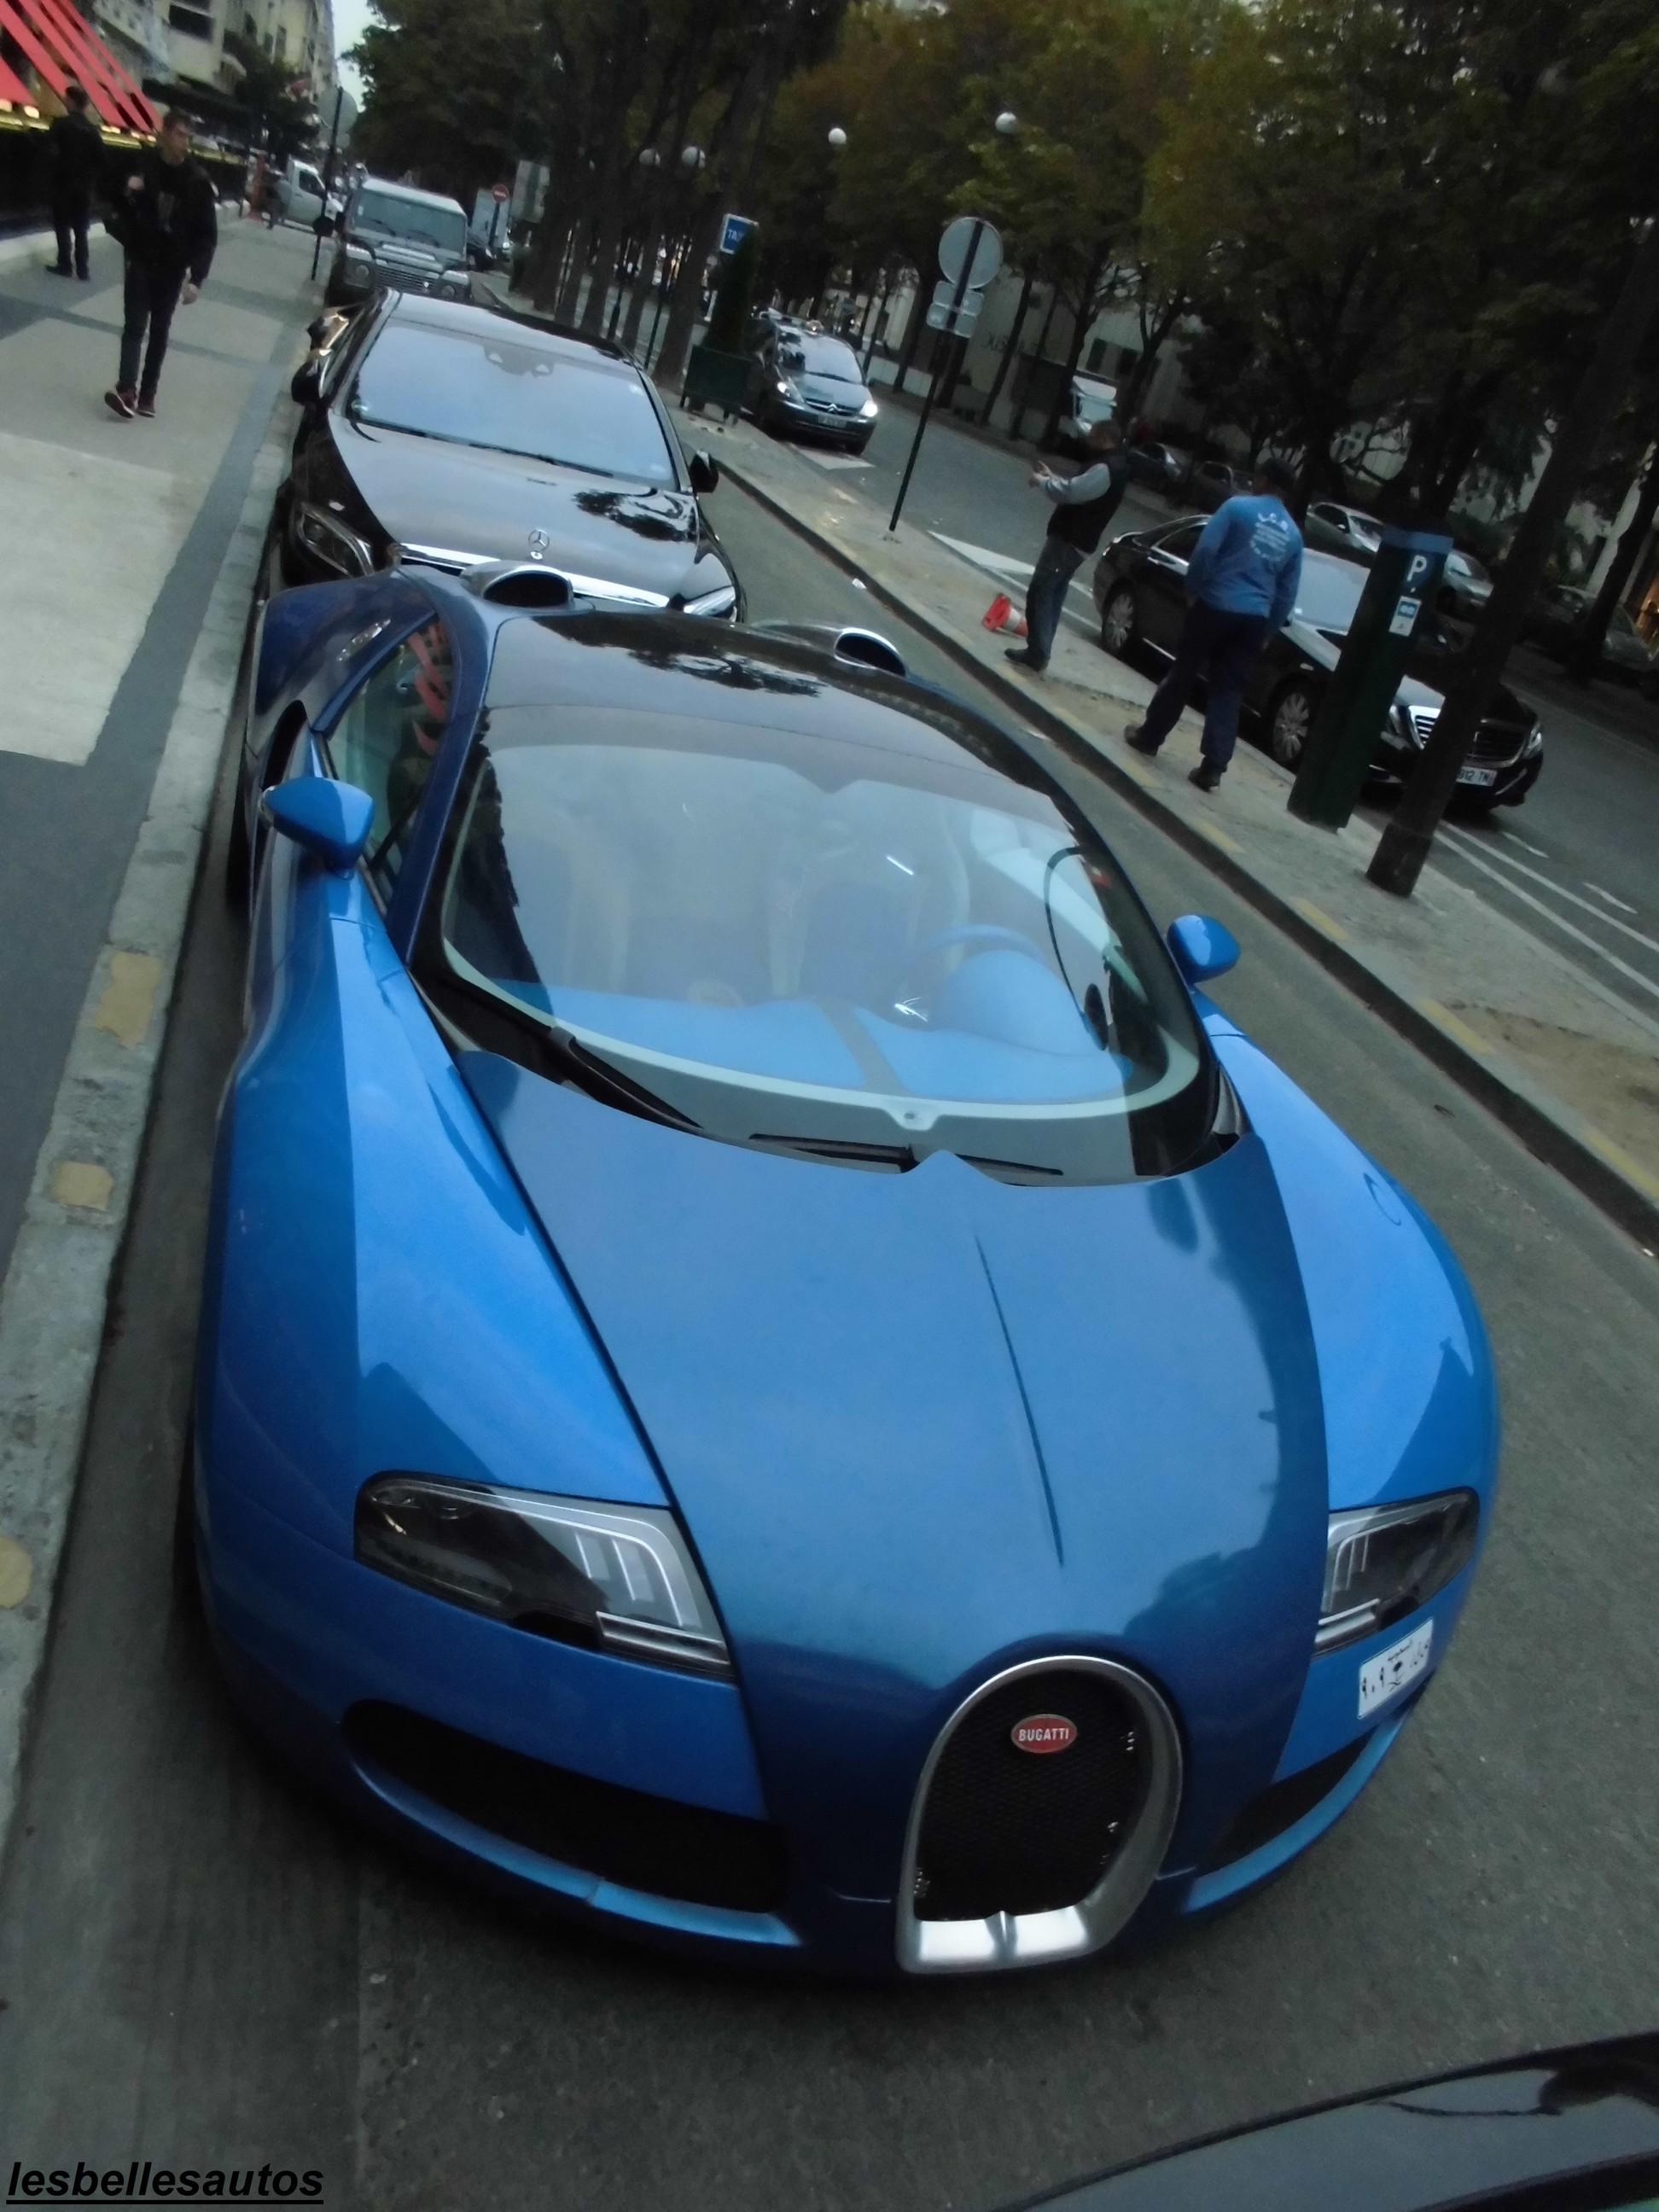 96edc96327 Exciting Bugatti Veyron Grand Sport Vitesse Fiche Technique Cars Trend